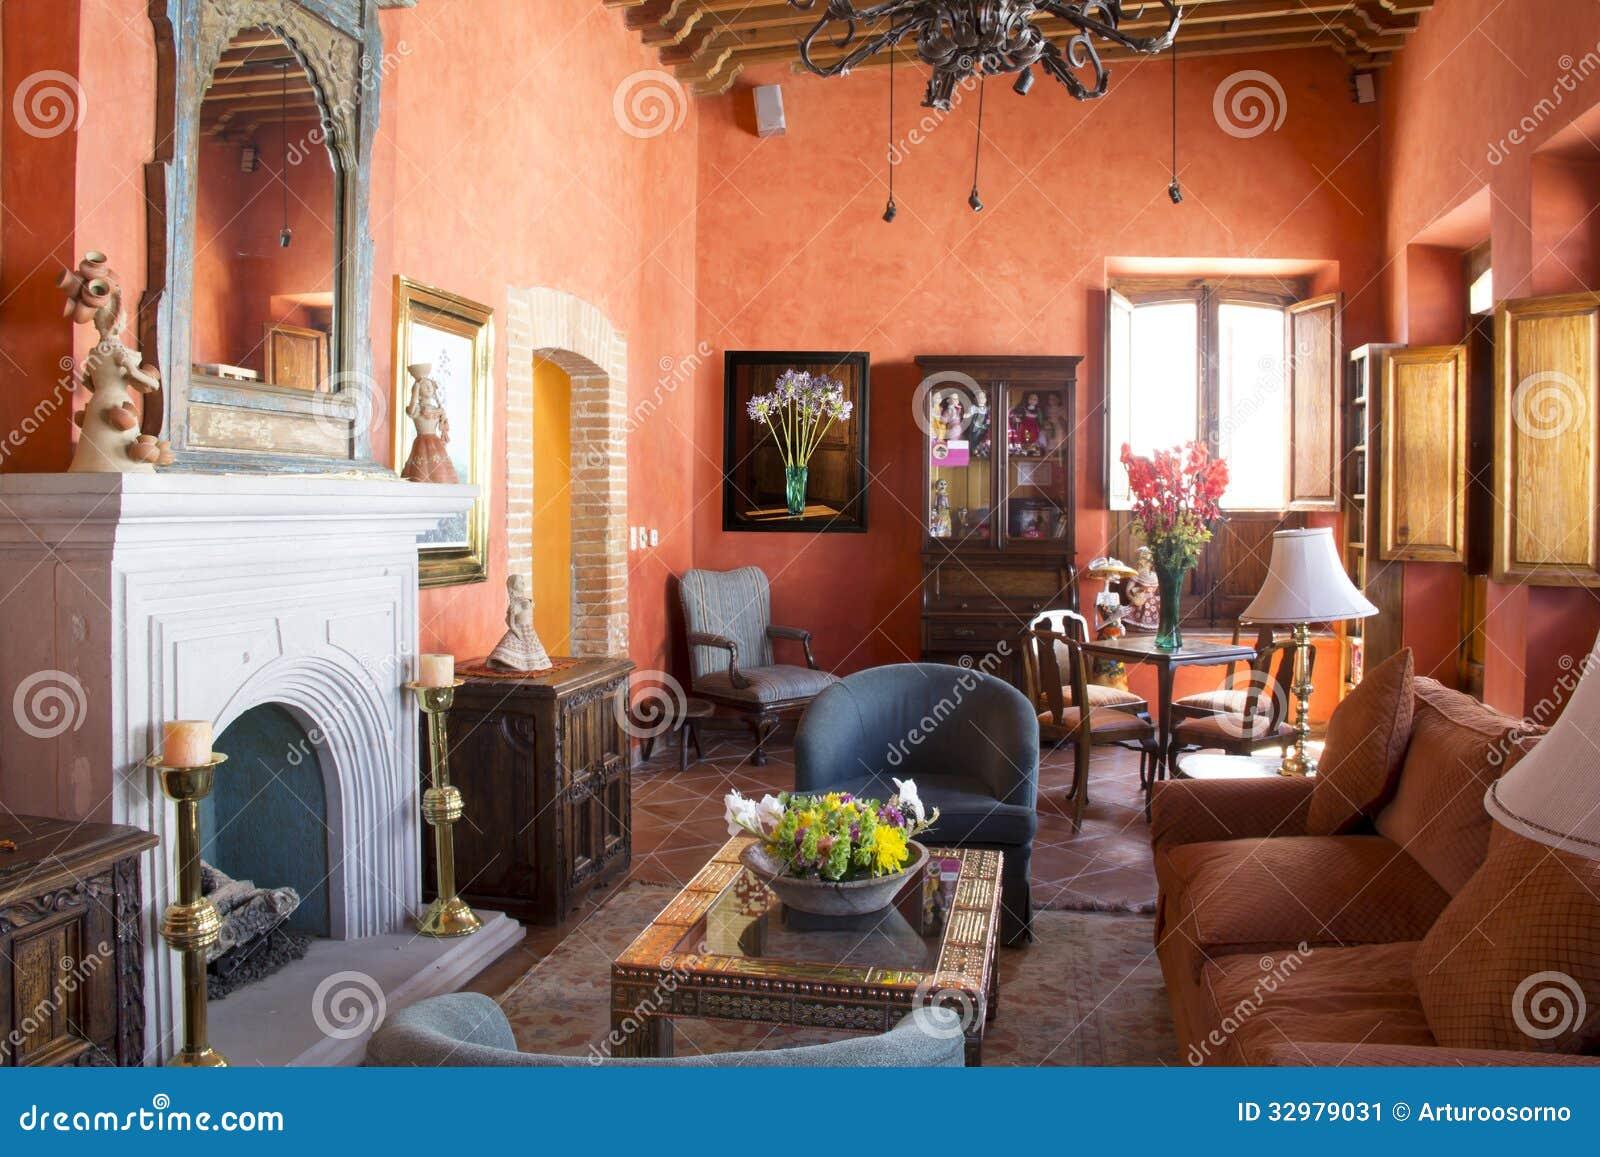 living room stock image image 32979031. Black Bedroom Furniture Sets. Home Design Ideas